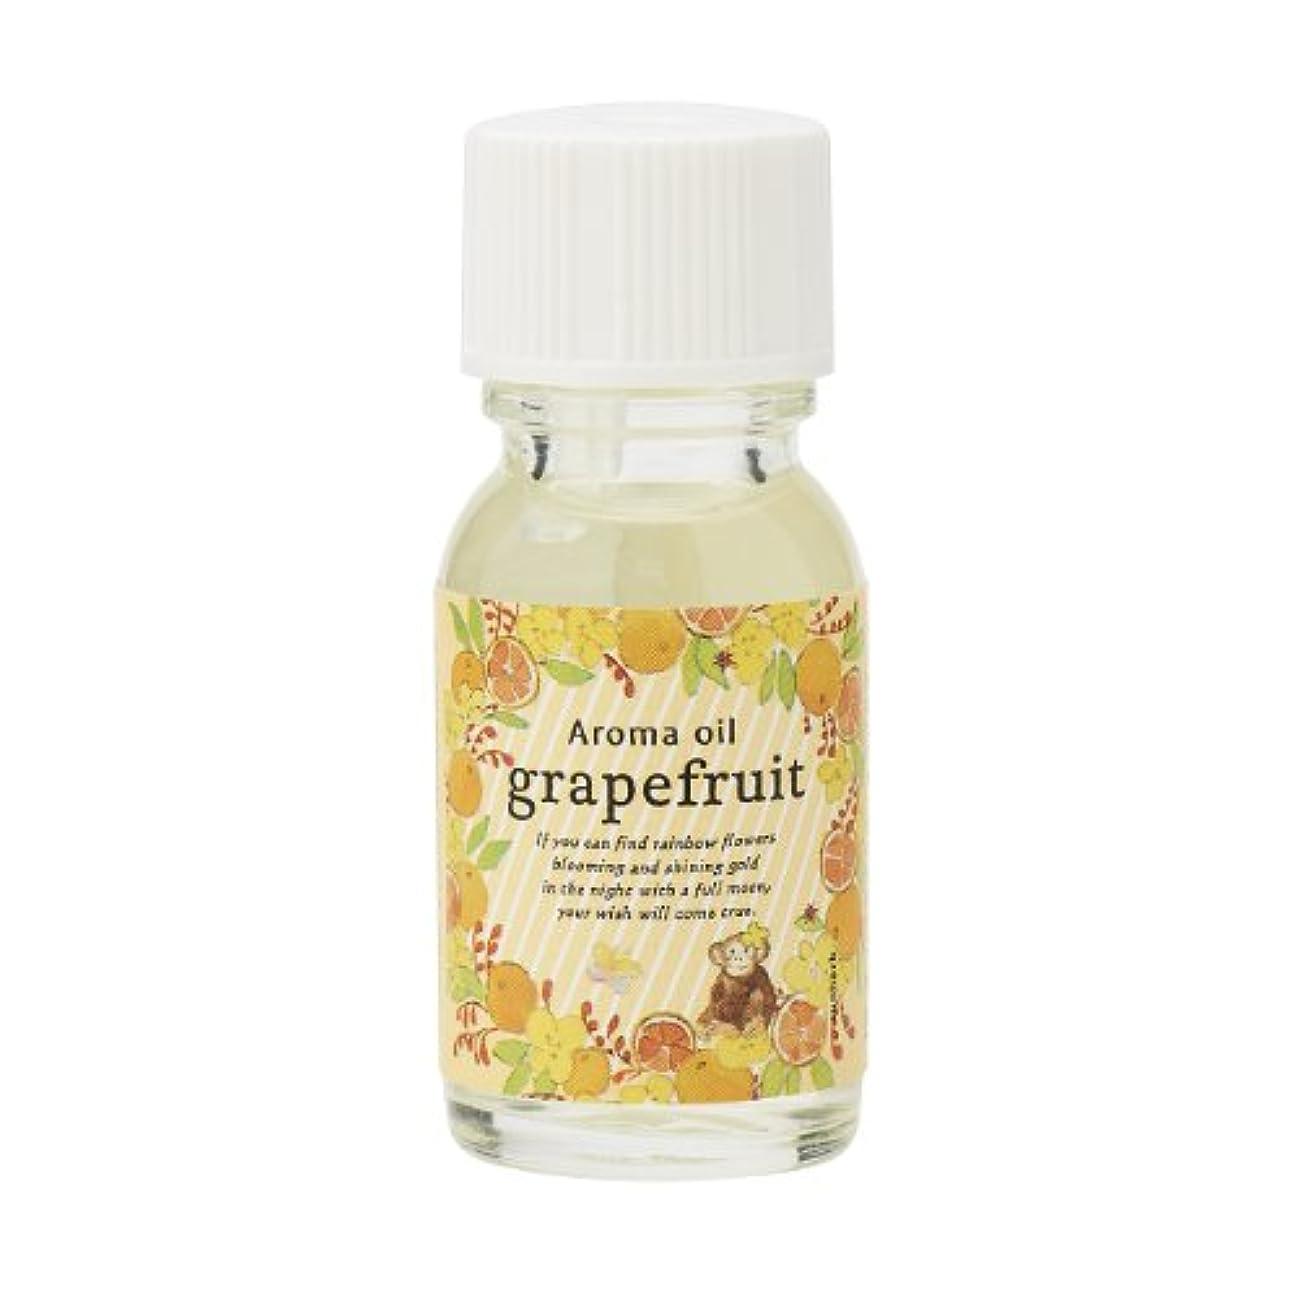 モッキンバードしみ艶サンハーブ アロマオイル グレープフルーツ 13ml(シャキっとまぶしい柑橘系の香り)